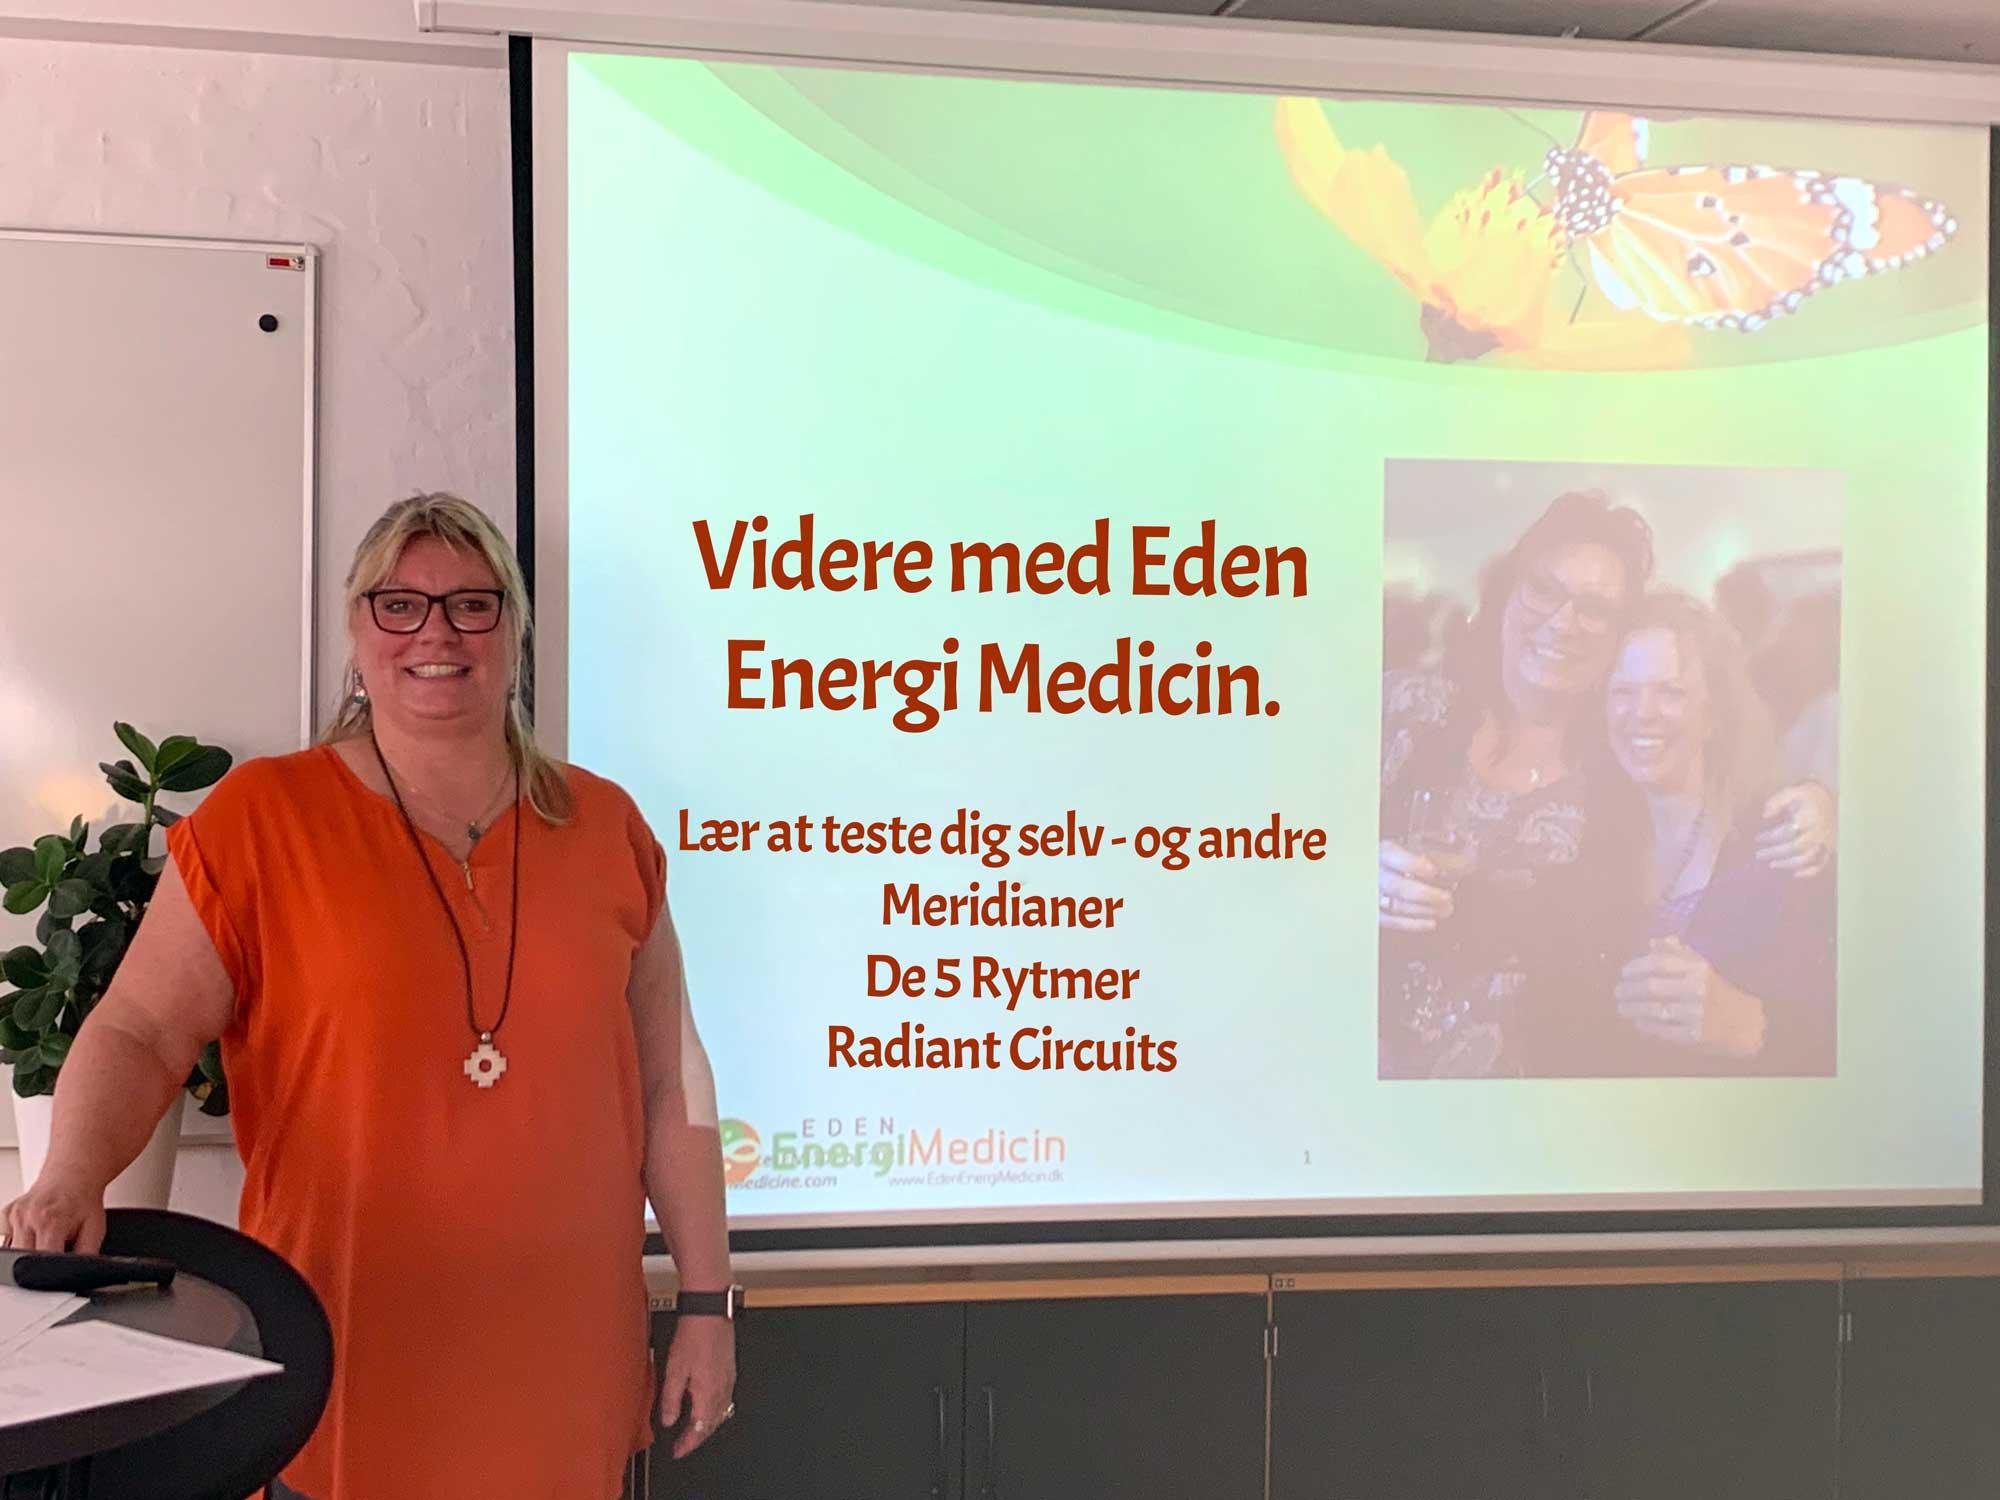 Kursus - Videre med Eden Energi Medicin